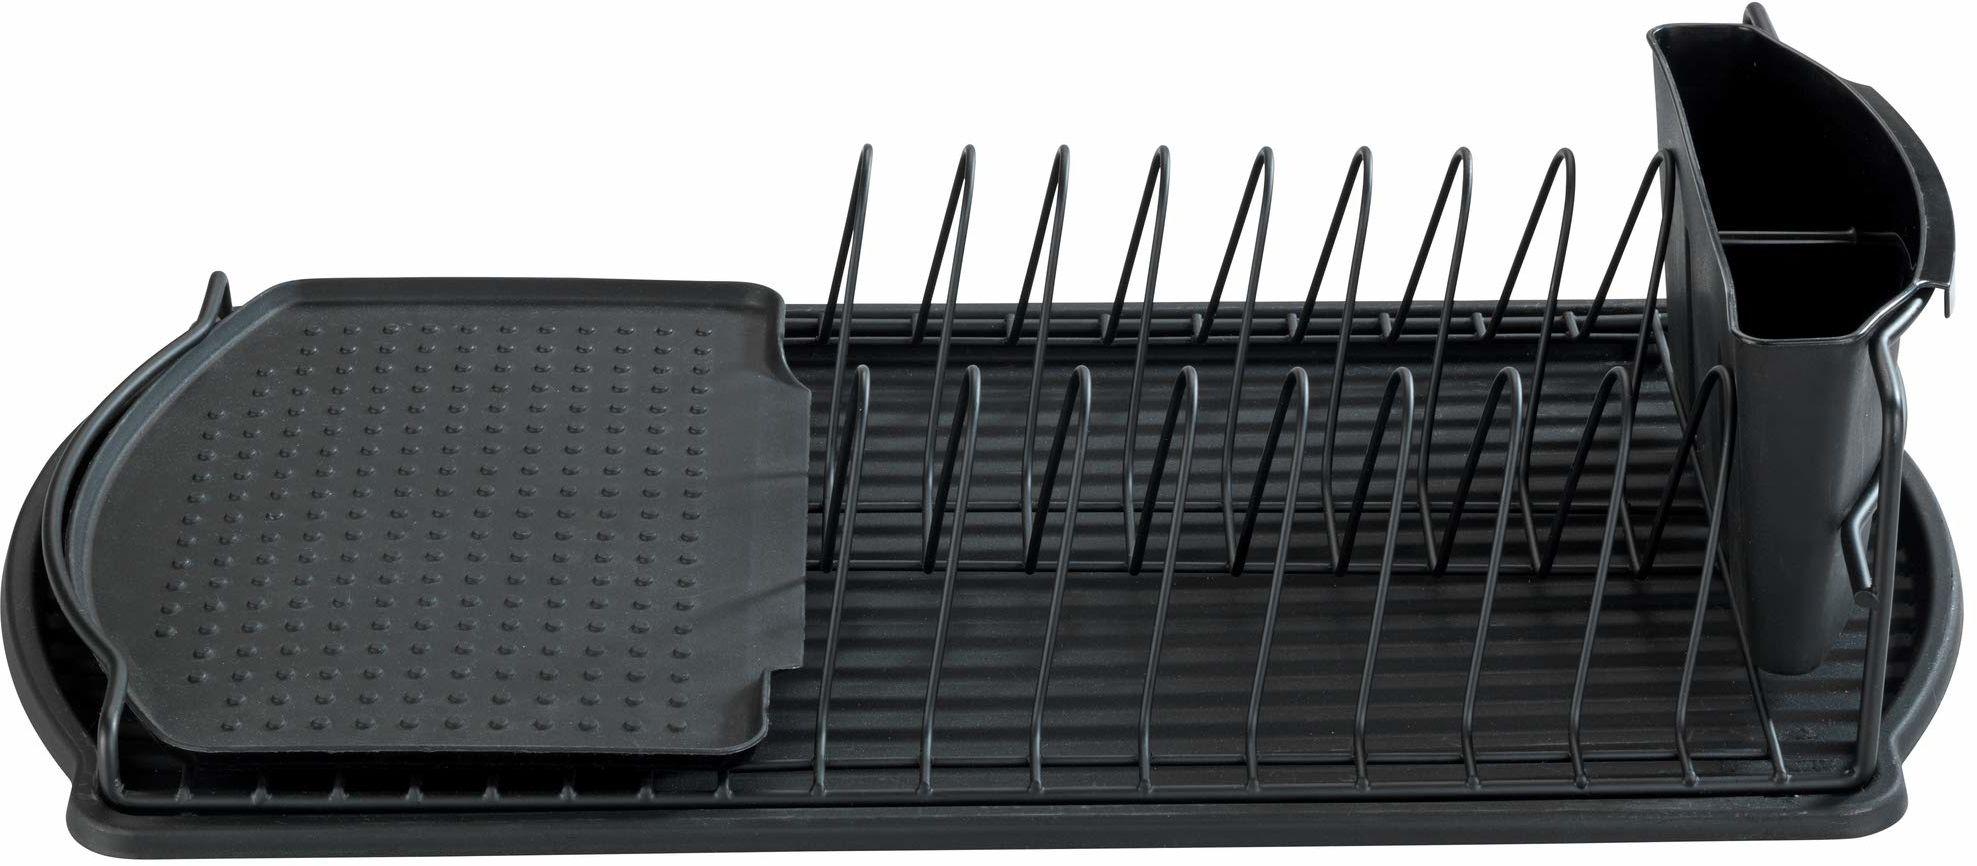 WENKO Ociekacz do naczyń Basic czarny  ociekacz do naczyń, lakierowany proszkowo metal, 47,5 x 11 x 26,5 cm, czarny